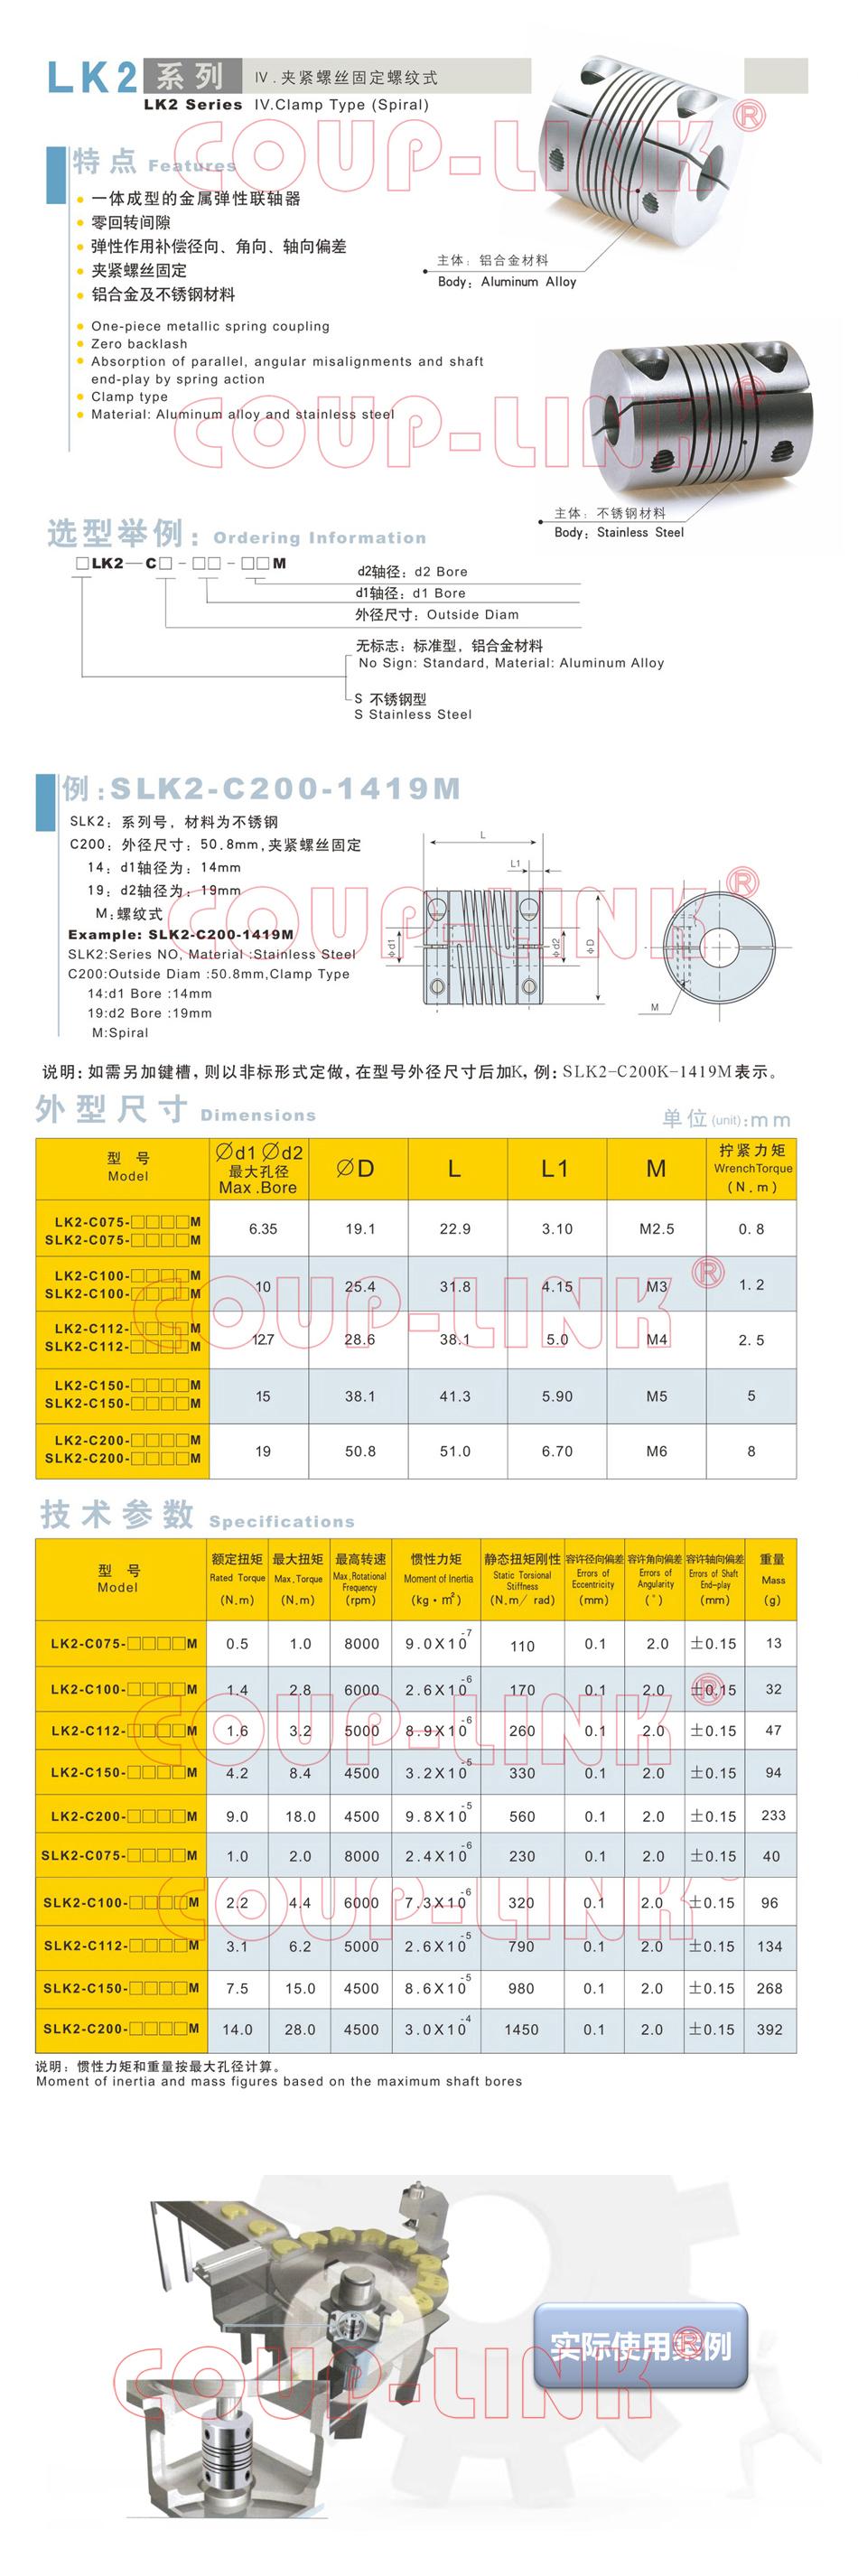 LK2系列 夾緊螺絲固定螺紋式_老子有钱app種類-廣州老子有钱自動化設備有限公司